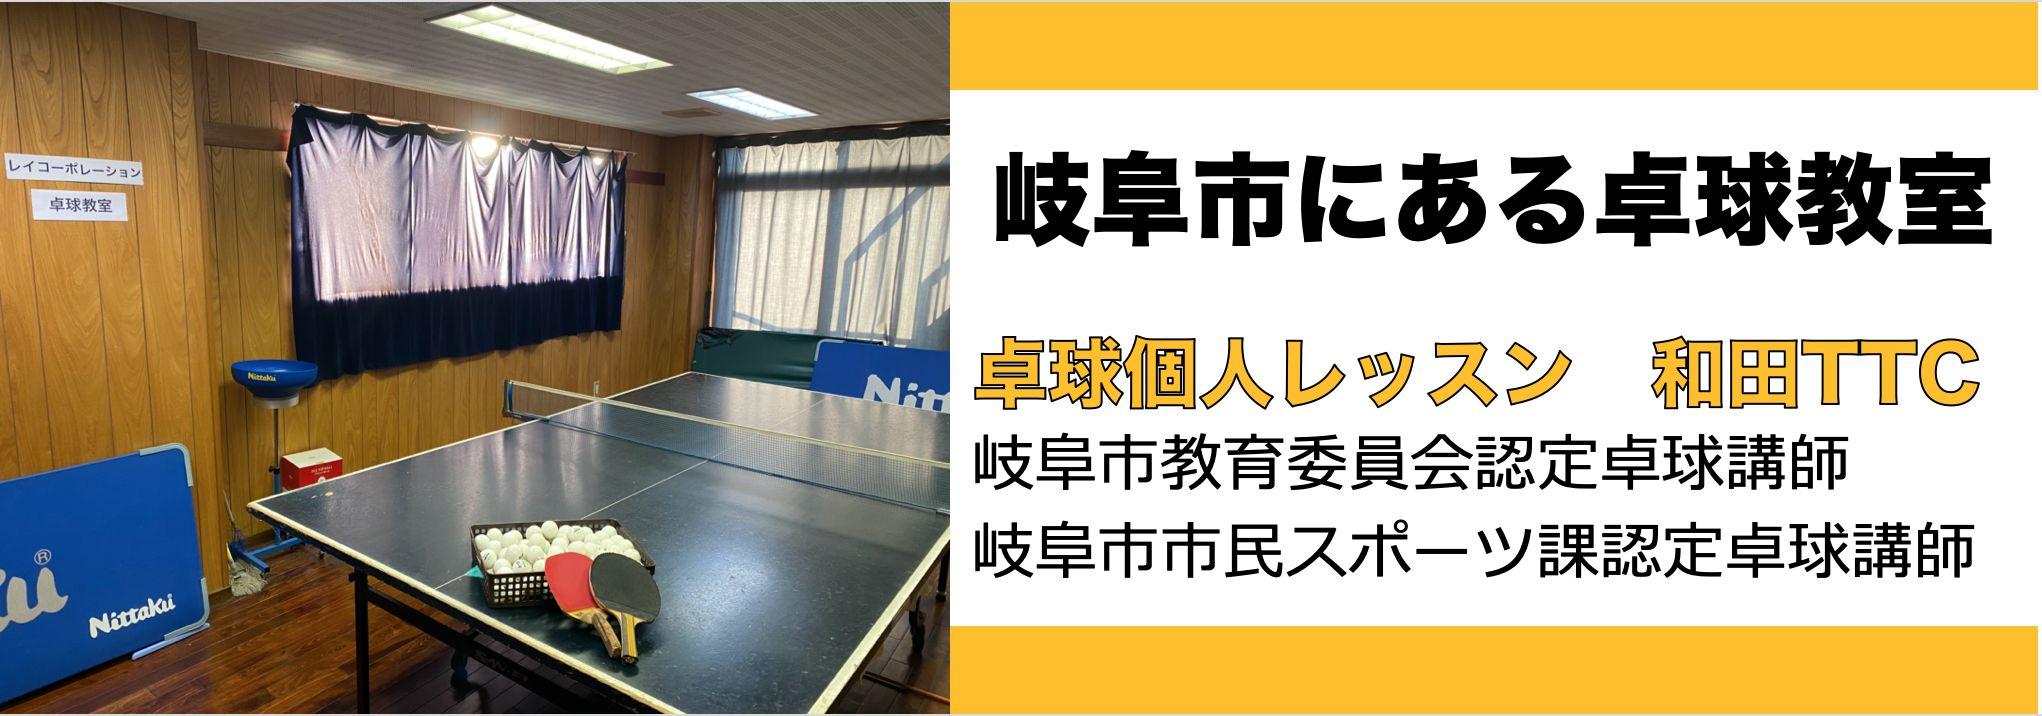 レイコーポレーション 卓球教室 岐阜